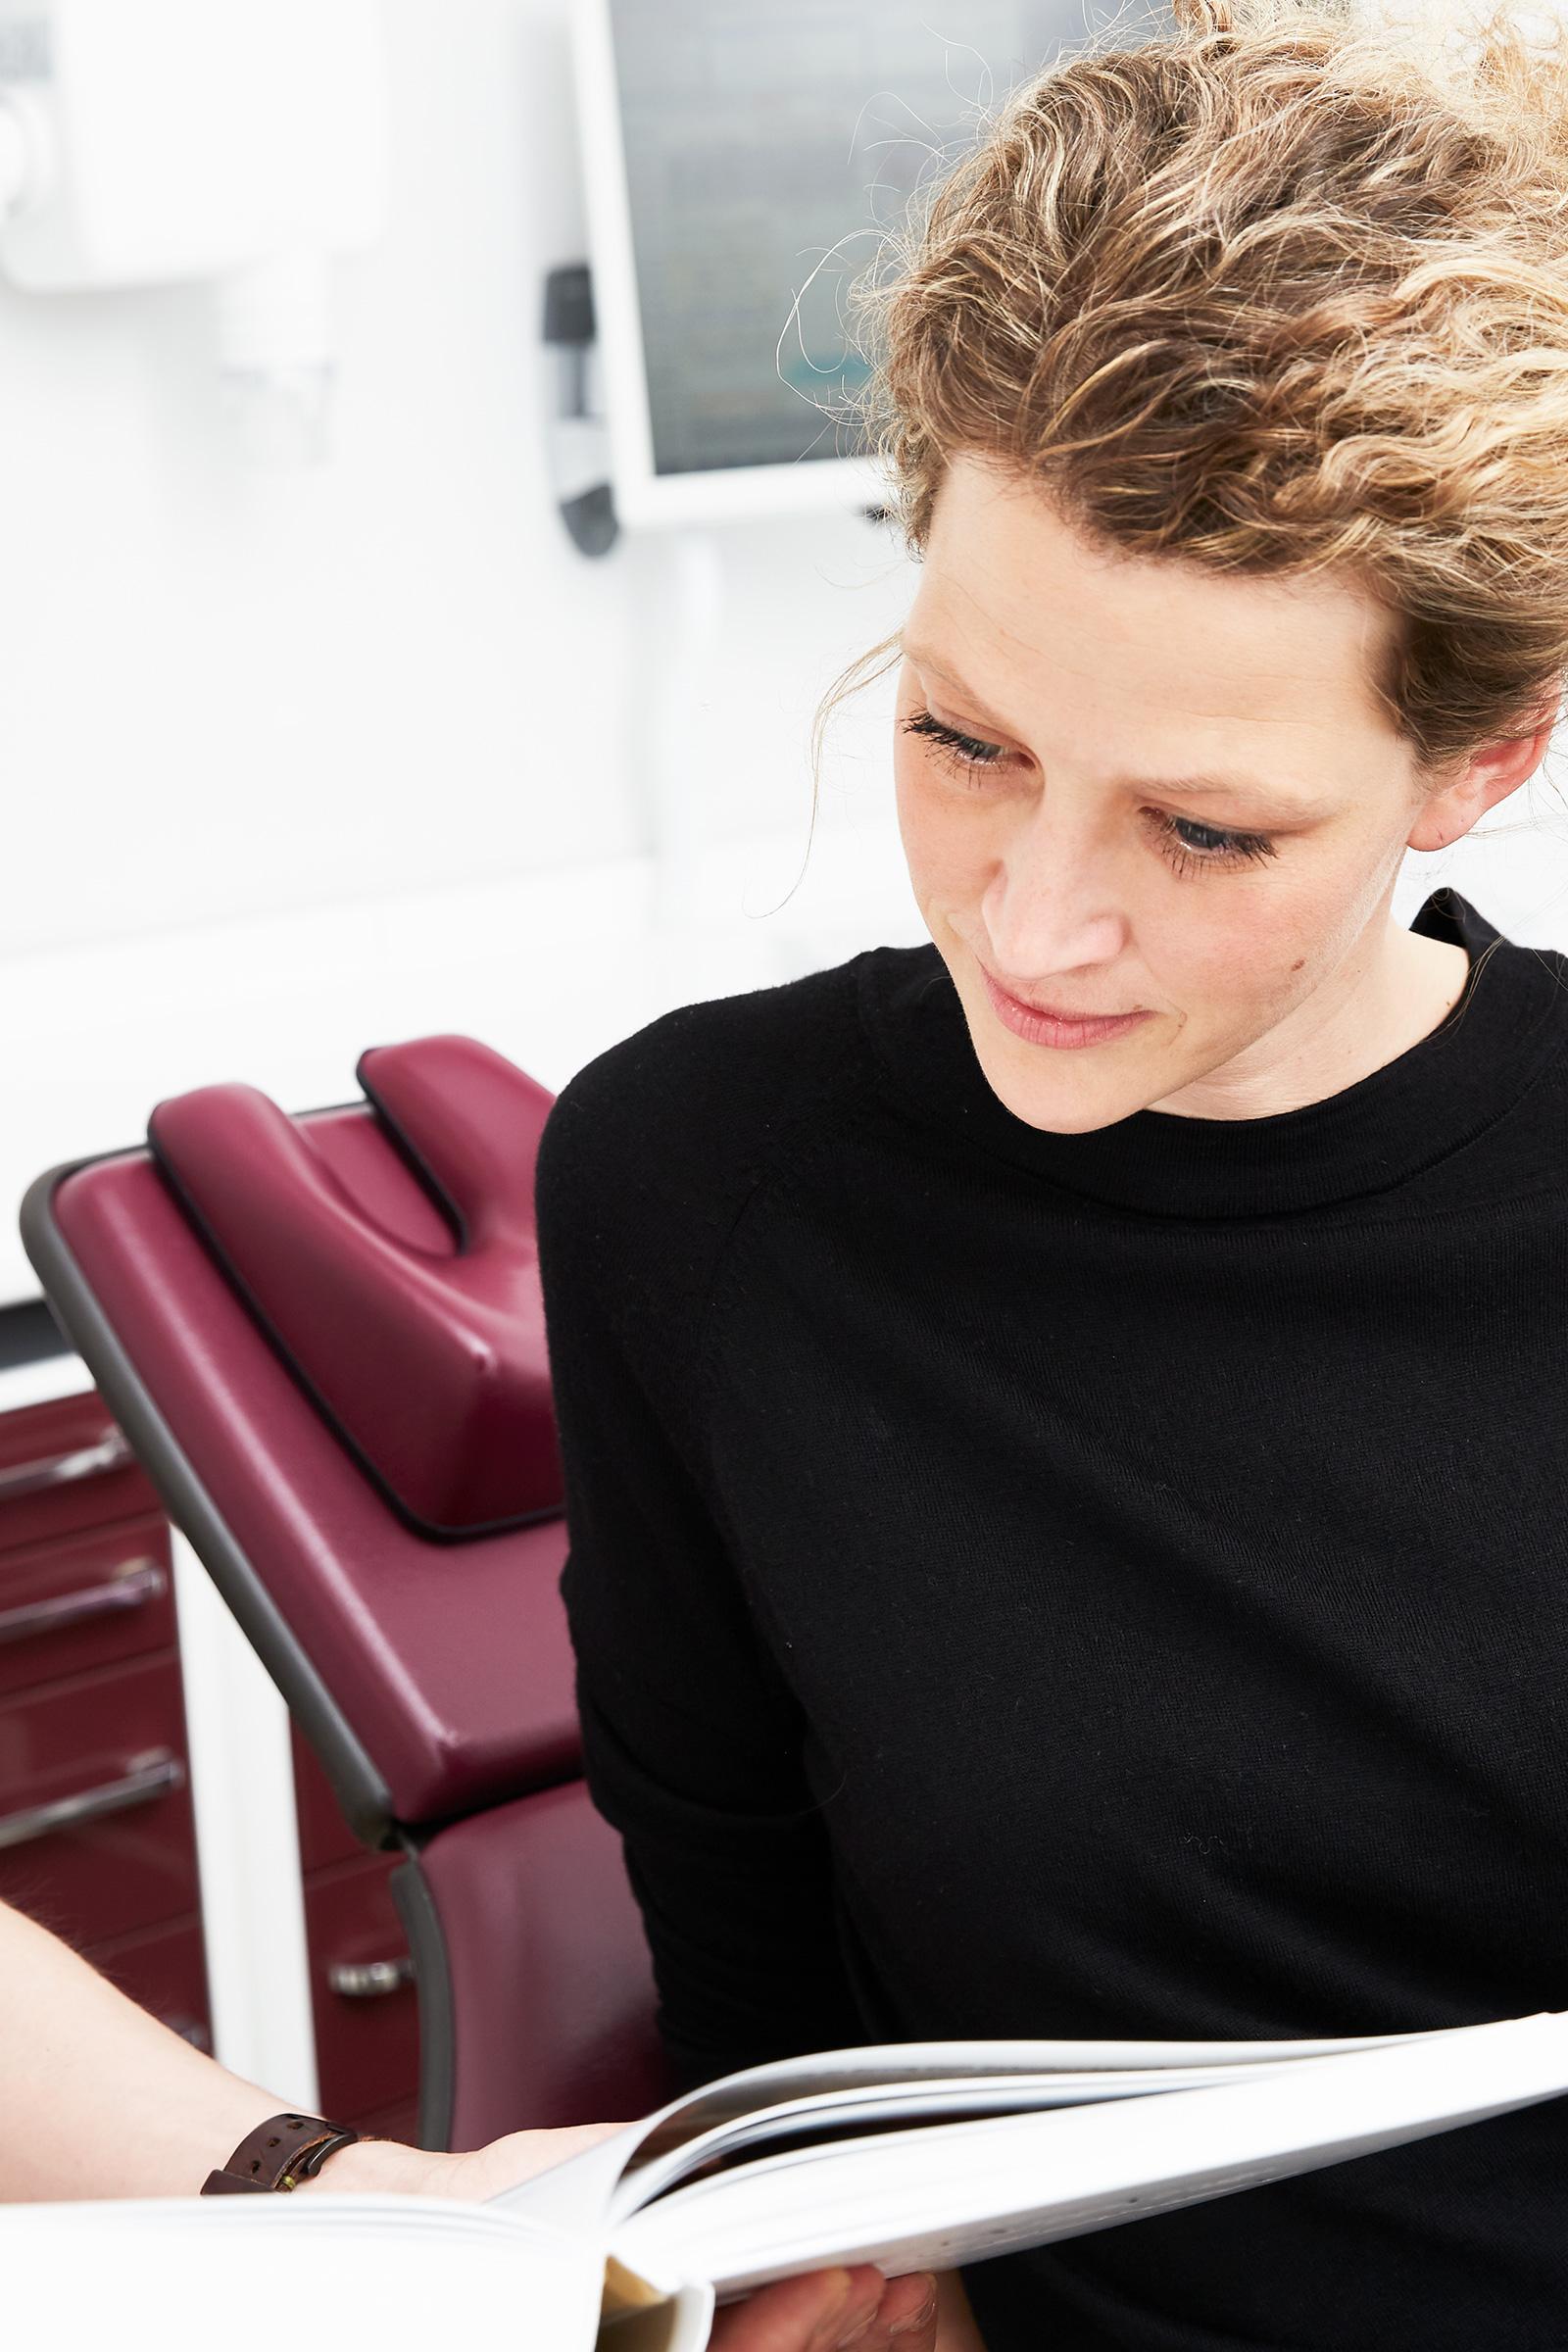 Bleaching. - Den Wunsch nach einem strahlend weißen Lächeln erfüllen wir beim Bleaching auf schonendste Weise: In der Zahnarztpraxis Hoisdorf verwenden wir Bleichmittel und Techniken, die an Ihren Zähnen keinerlei Schäden hinterlassen. So werden Verfärbungen auf den Zähnen durch ein glänzendes Weiß ersetzt. Gerne beraten wir Sie ausführlich über die Möglichkeiten, die wir individuell auf Ihre Bedürfnisse zuschneiden.